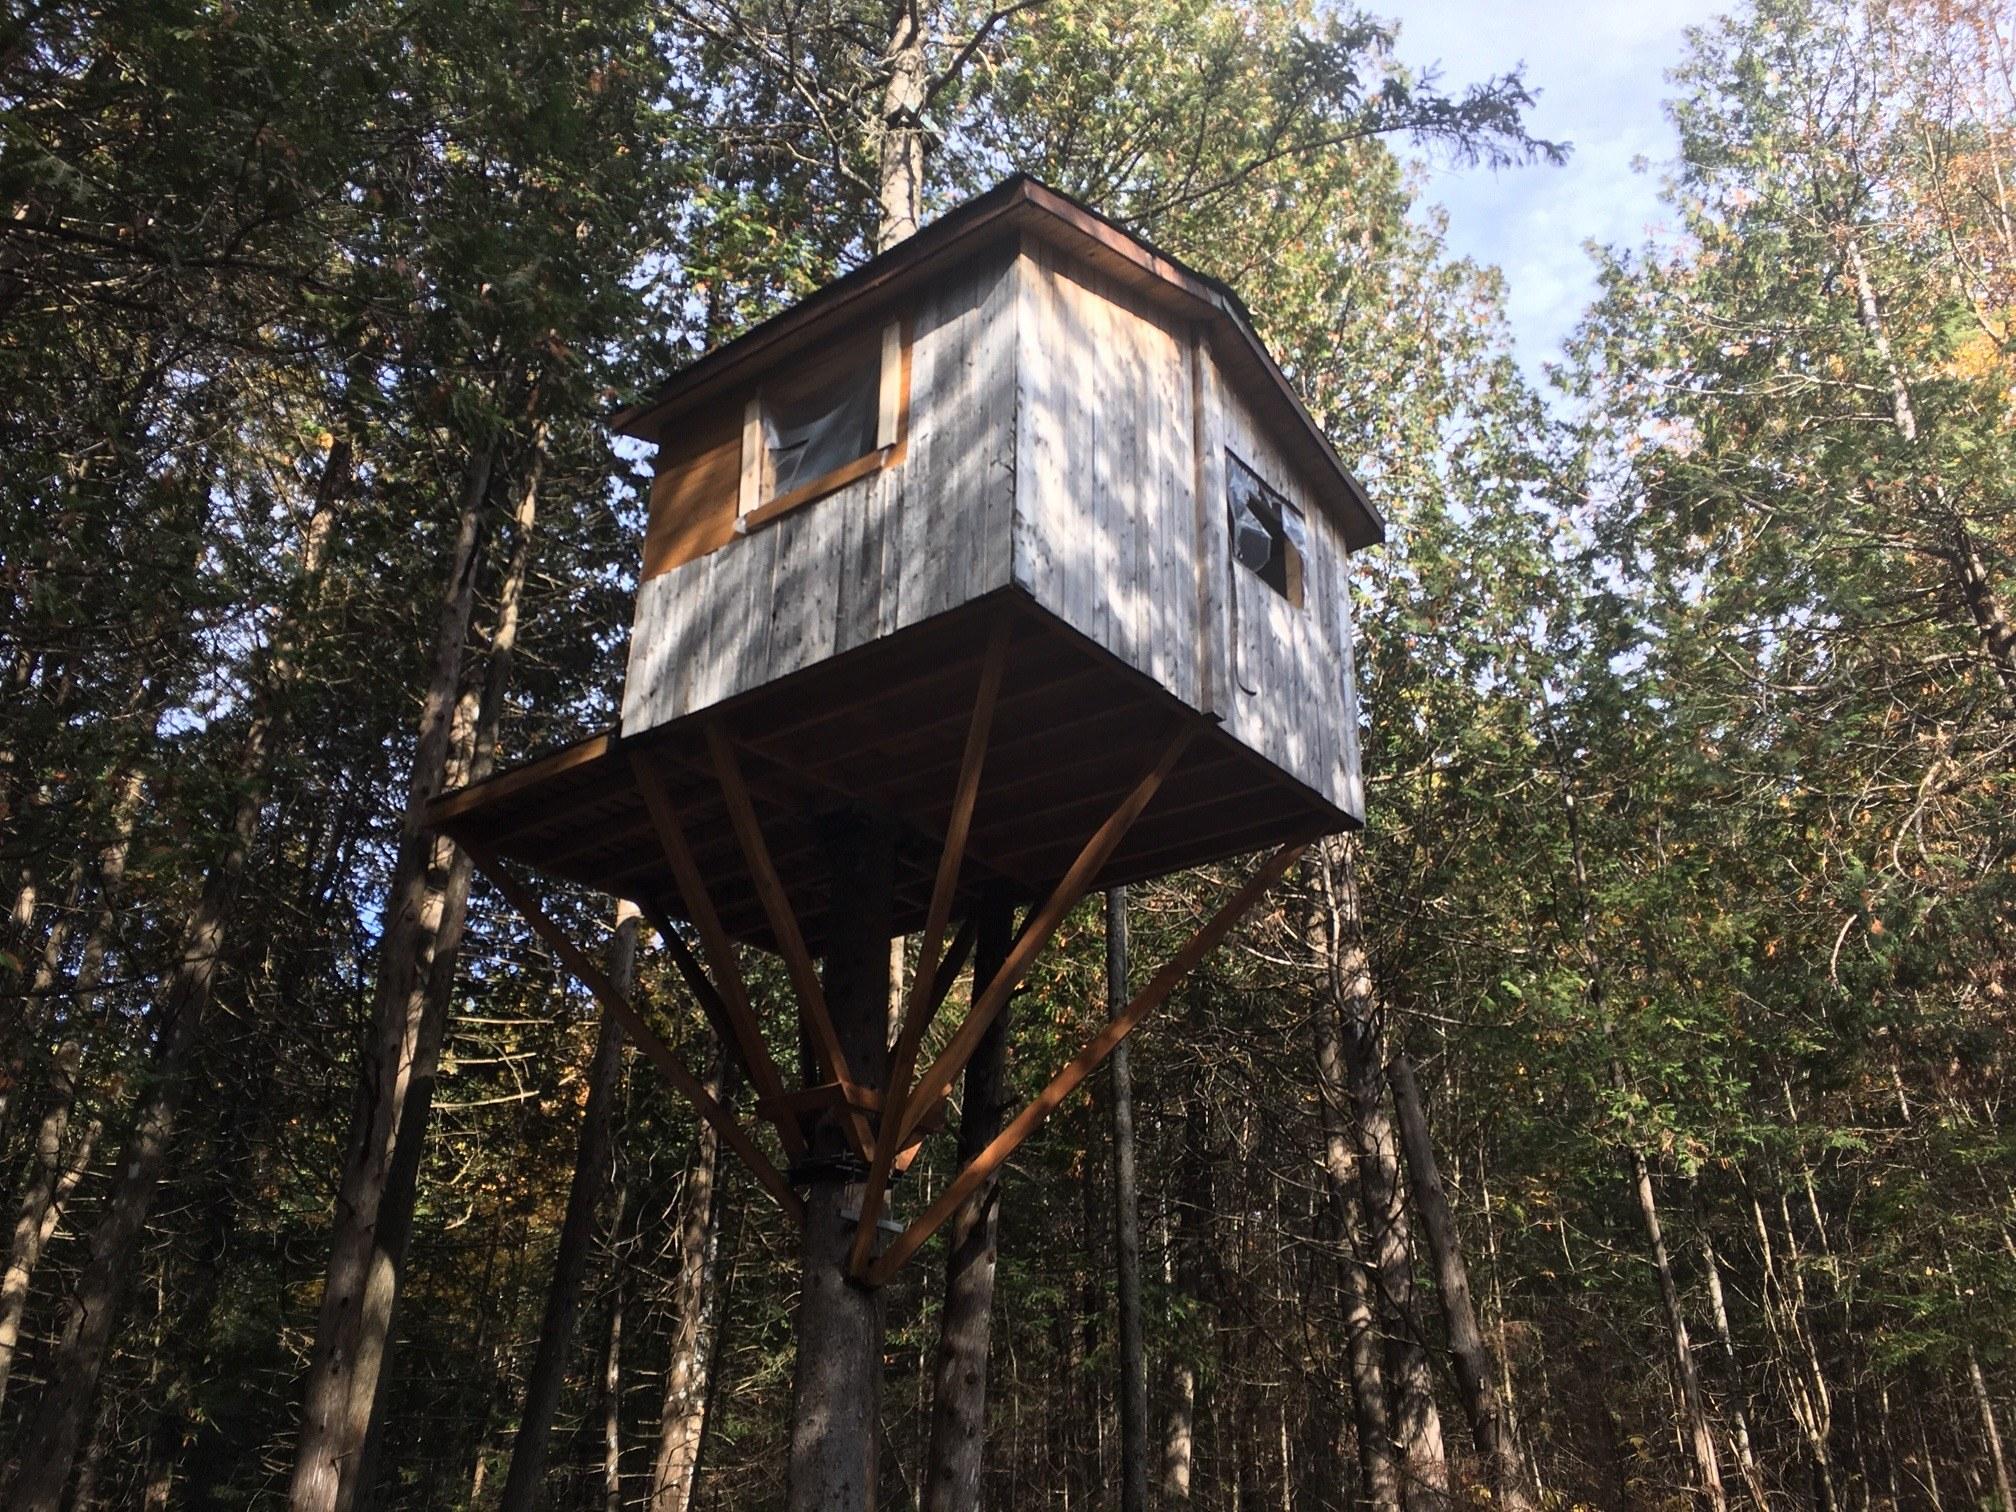 maison-dans-les-arbres-domaine-faunique